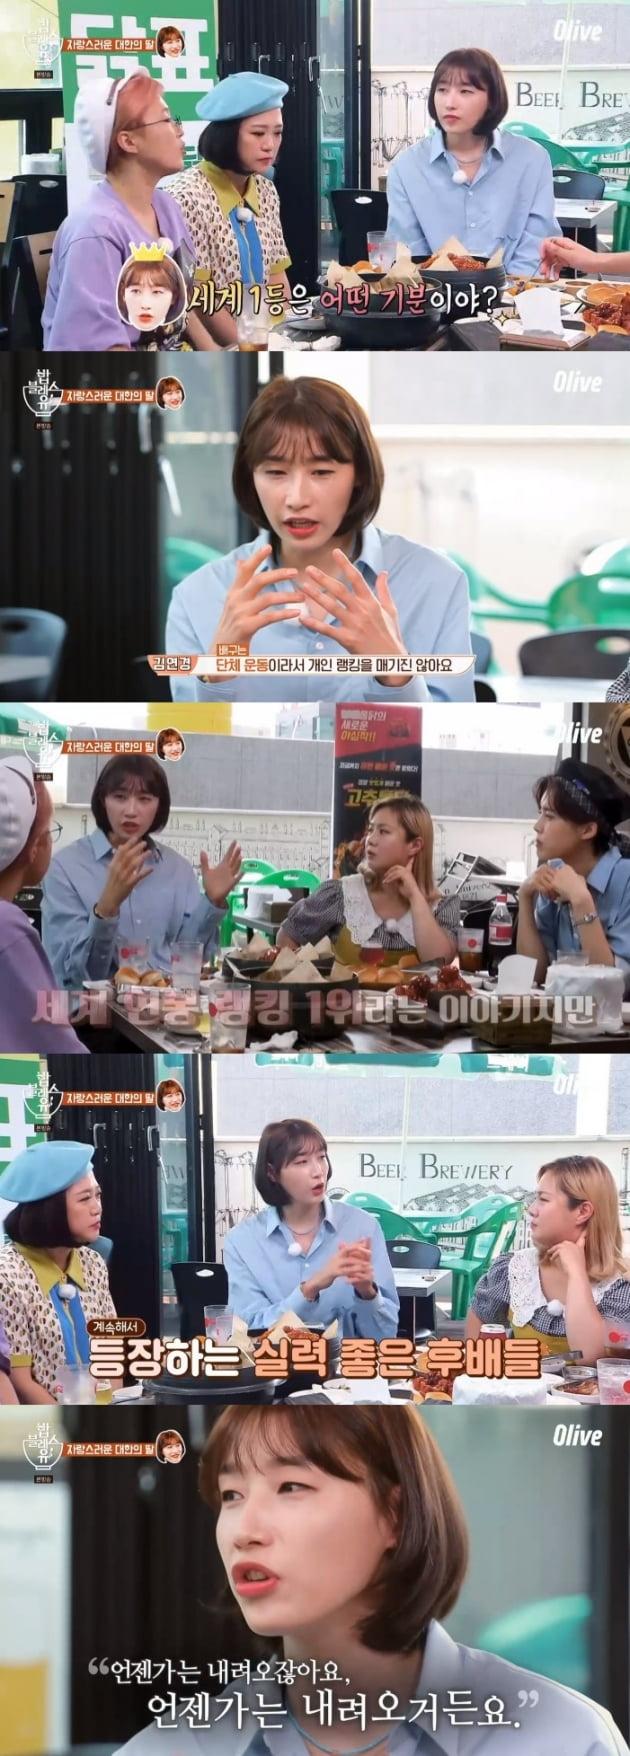 '밥블레스유2' 김연경 / 사진 = 올리브 영상 캡처